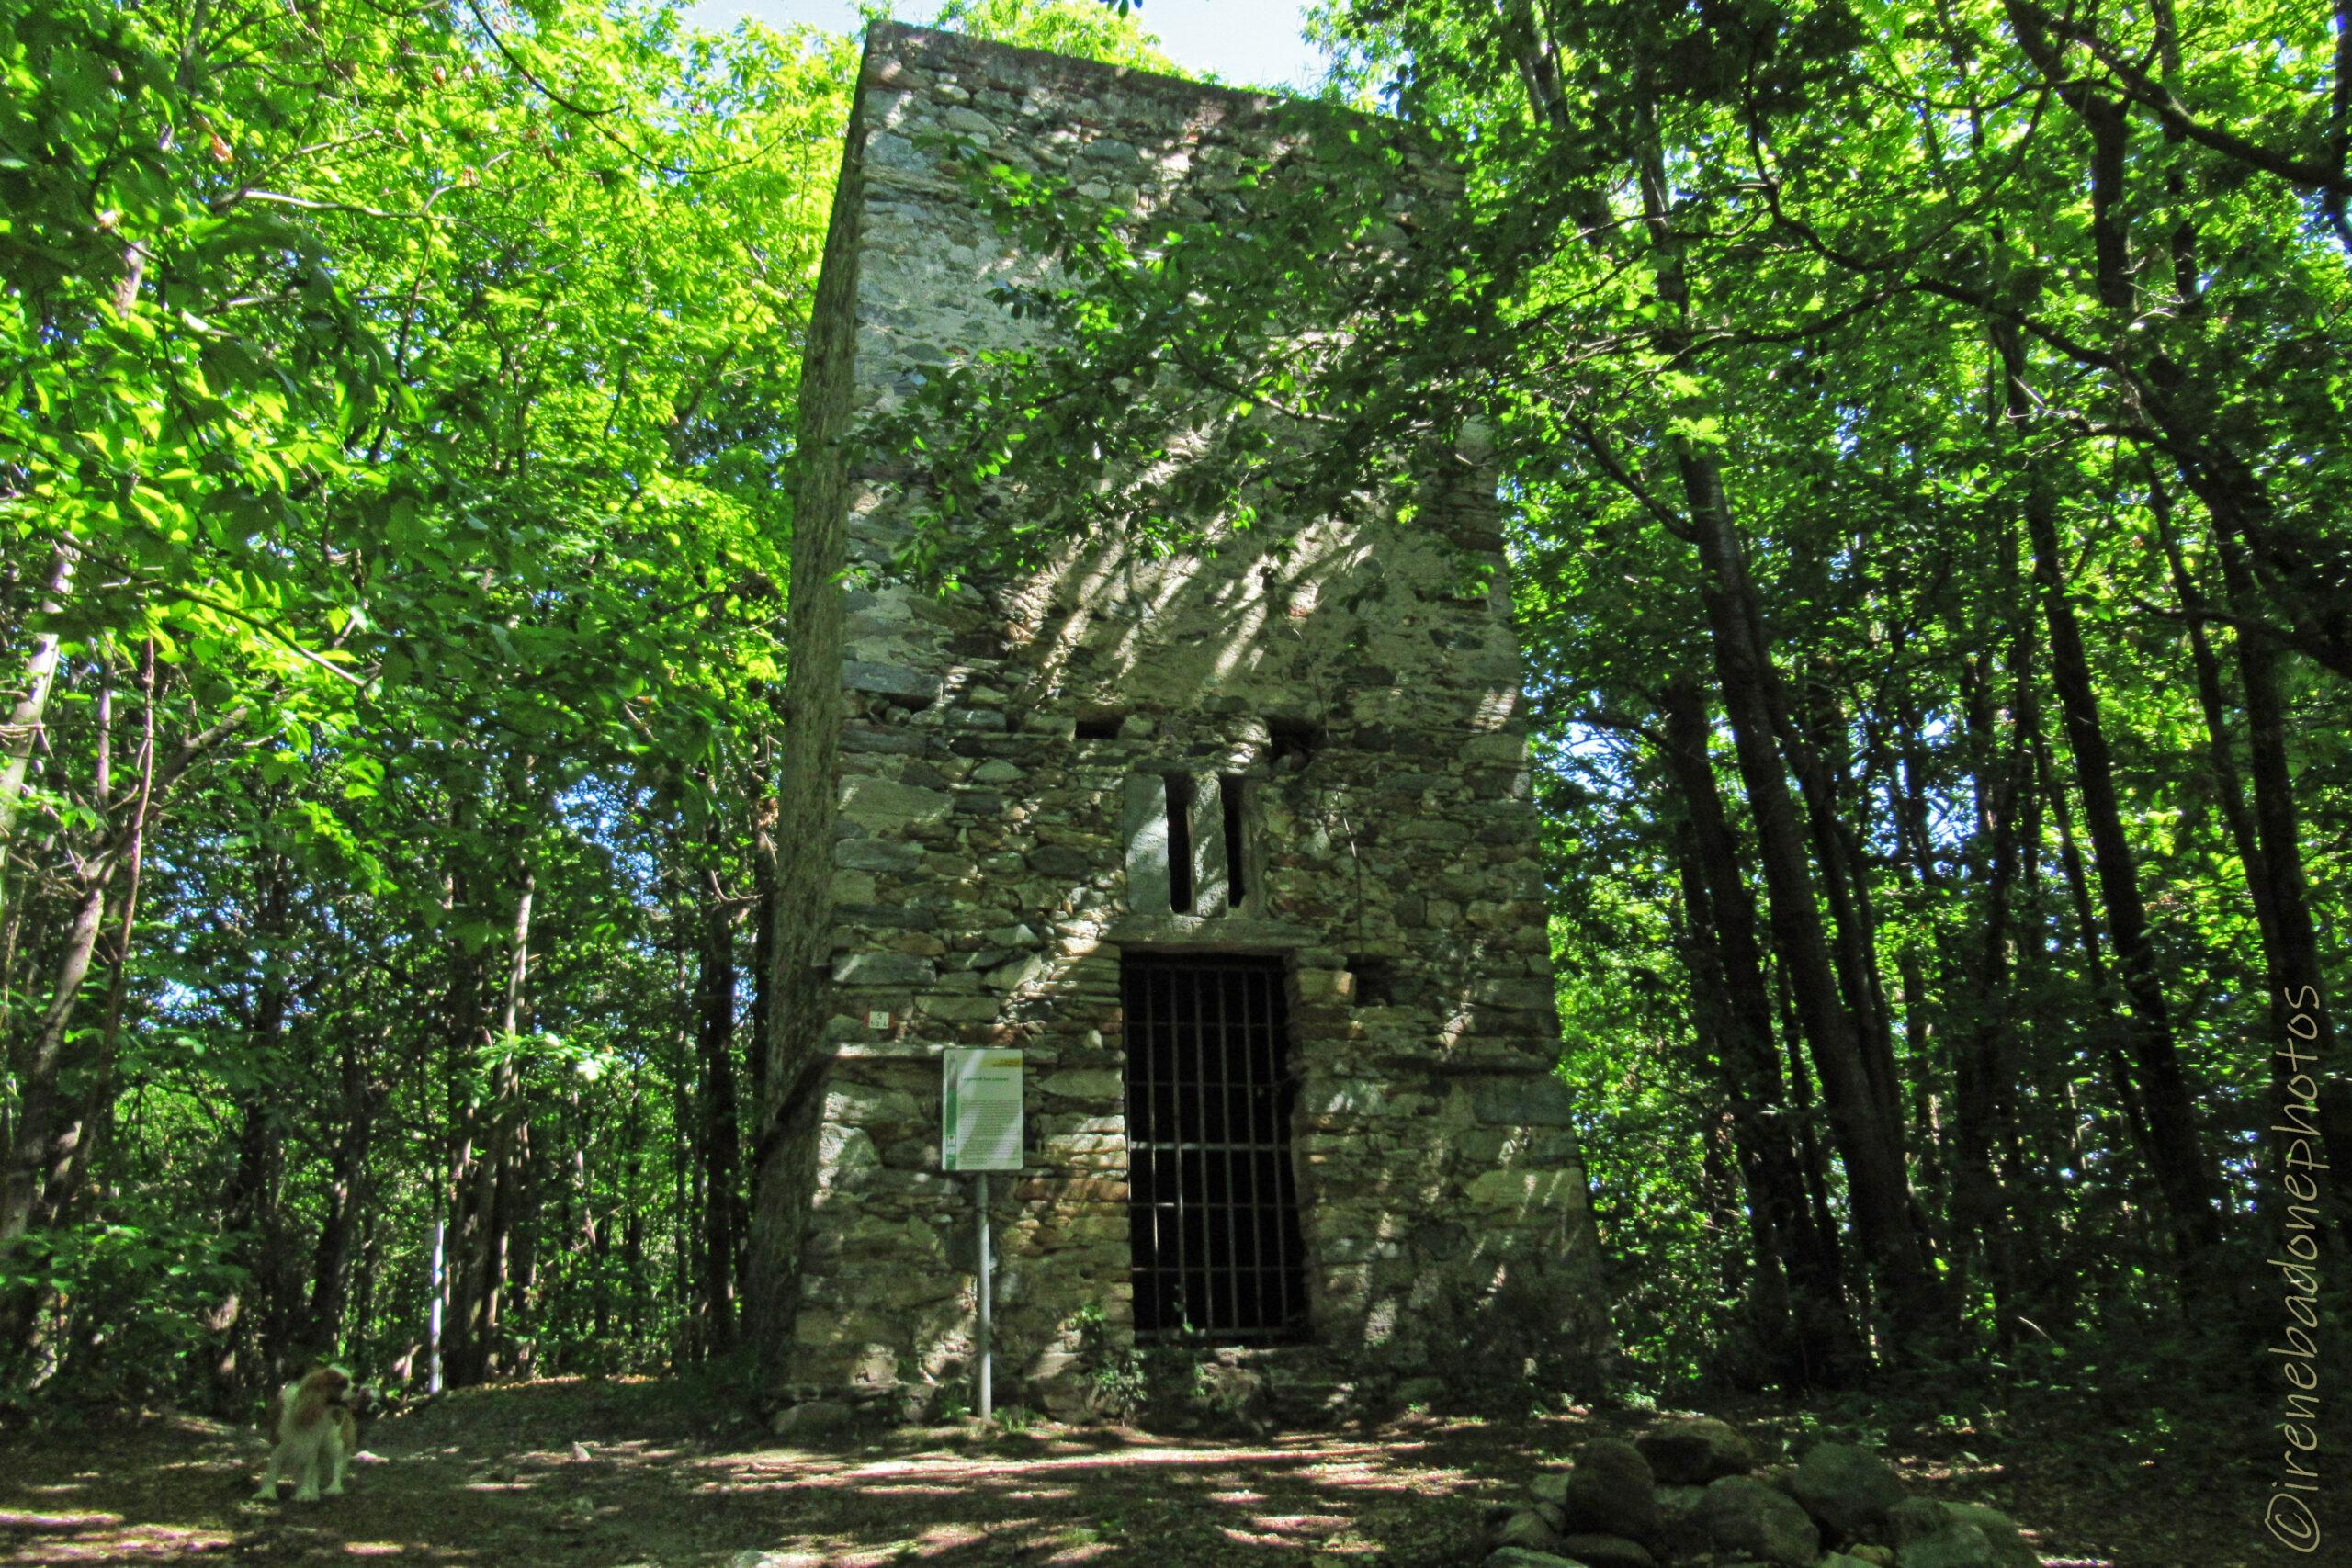 Tra la fitta boscaglia, compare imponente la Torre di San Lorenzo